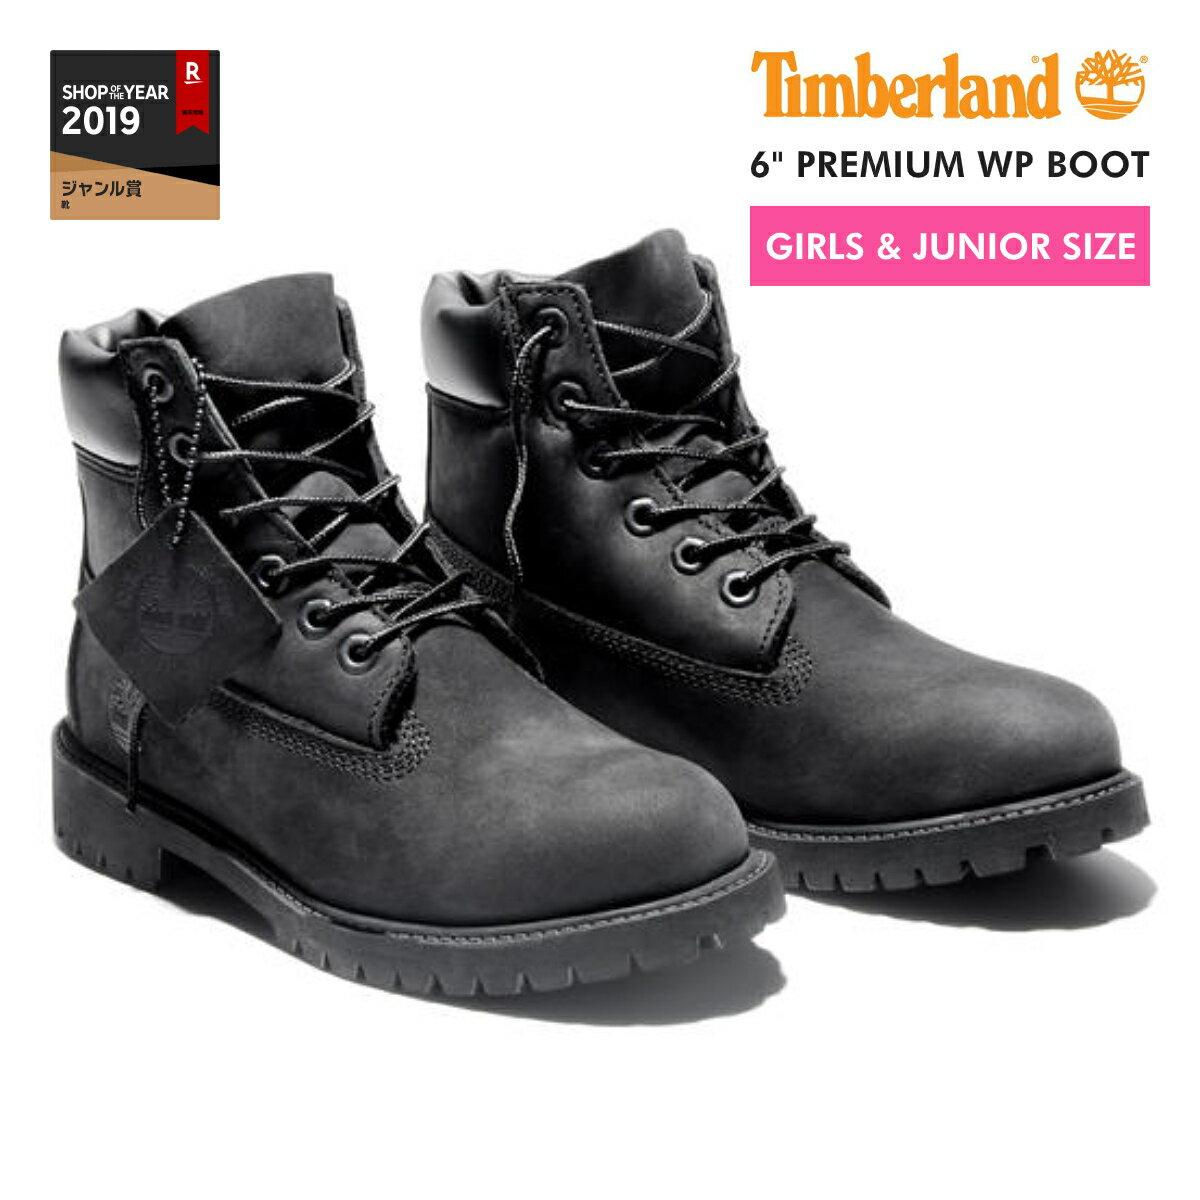 【1月19日(金)再入荷】【大人気の女の子サイズ♪】 TIMBERLAND 6inch PREMIUM BOOT ティンバーランド 6インチ プレミアム ブーツ 【JUNIOR'S】 BLACK 【レディース】